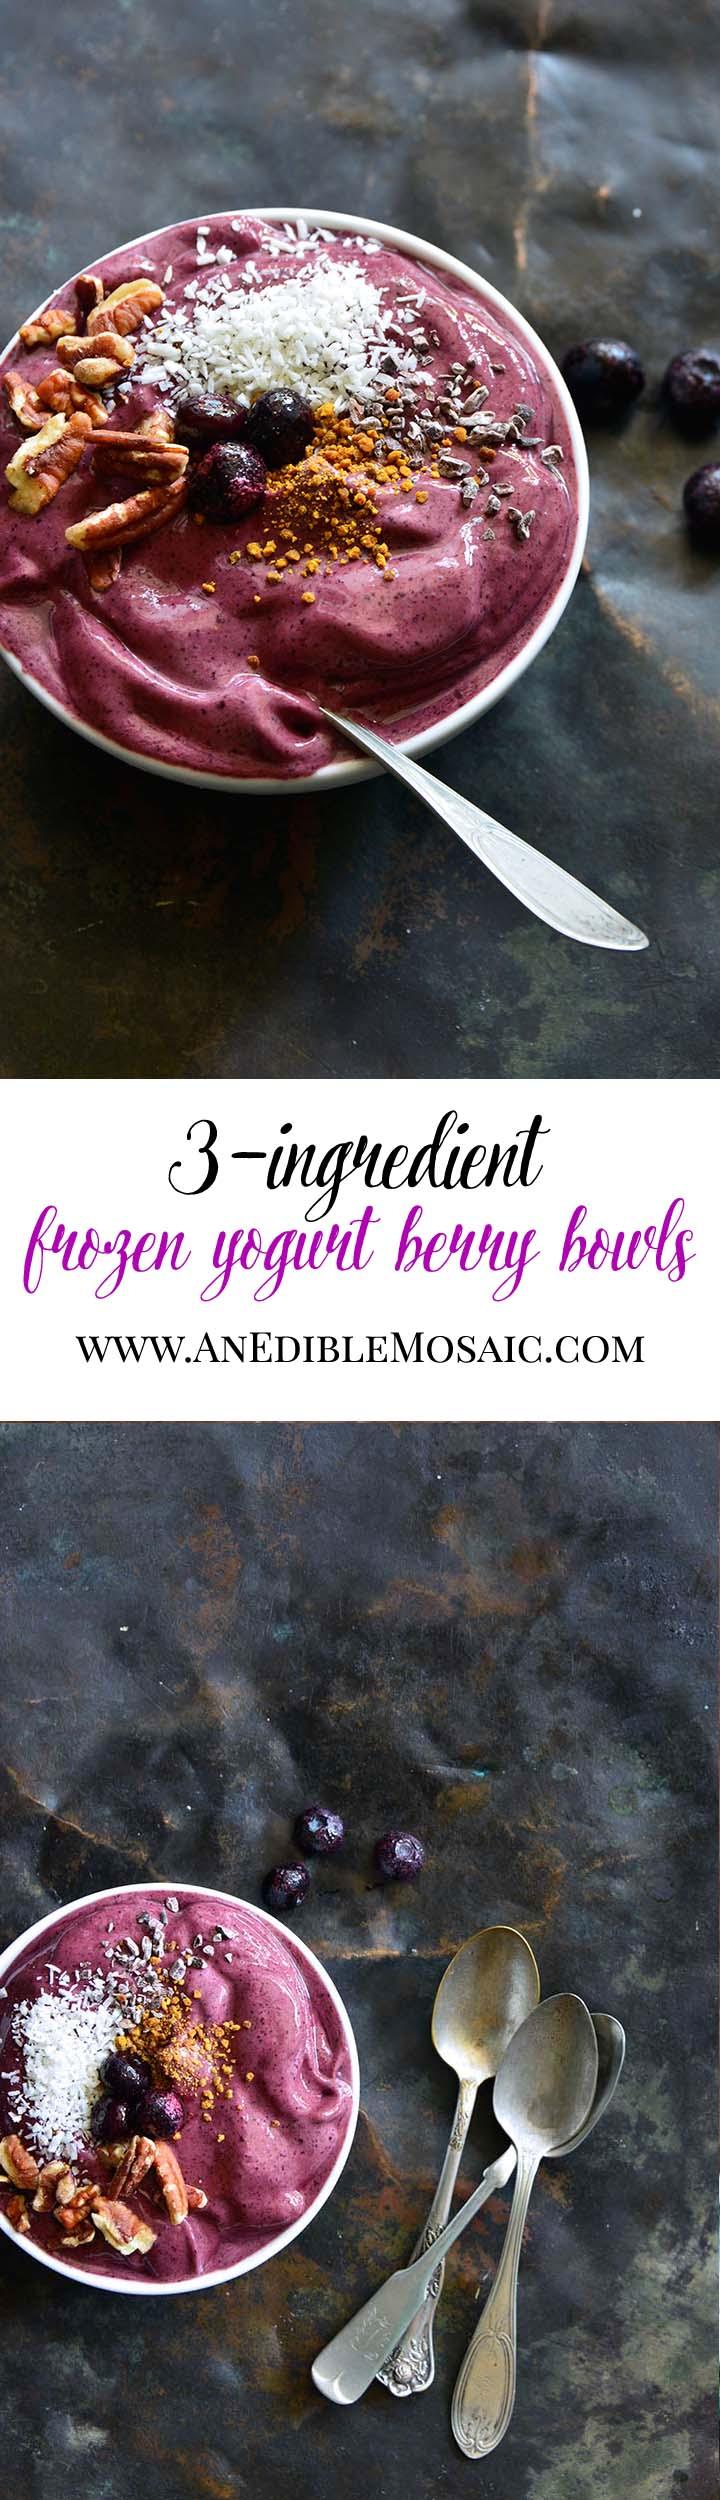 3-Ingredient Frozen Yogurt Berry Bowls Long Pin